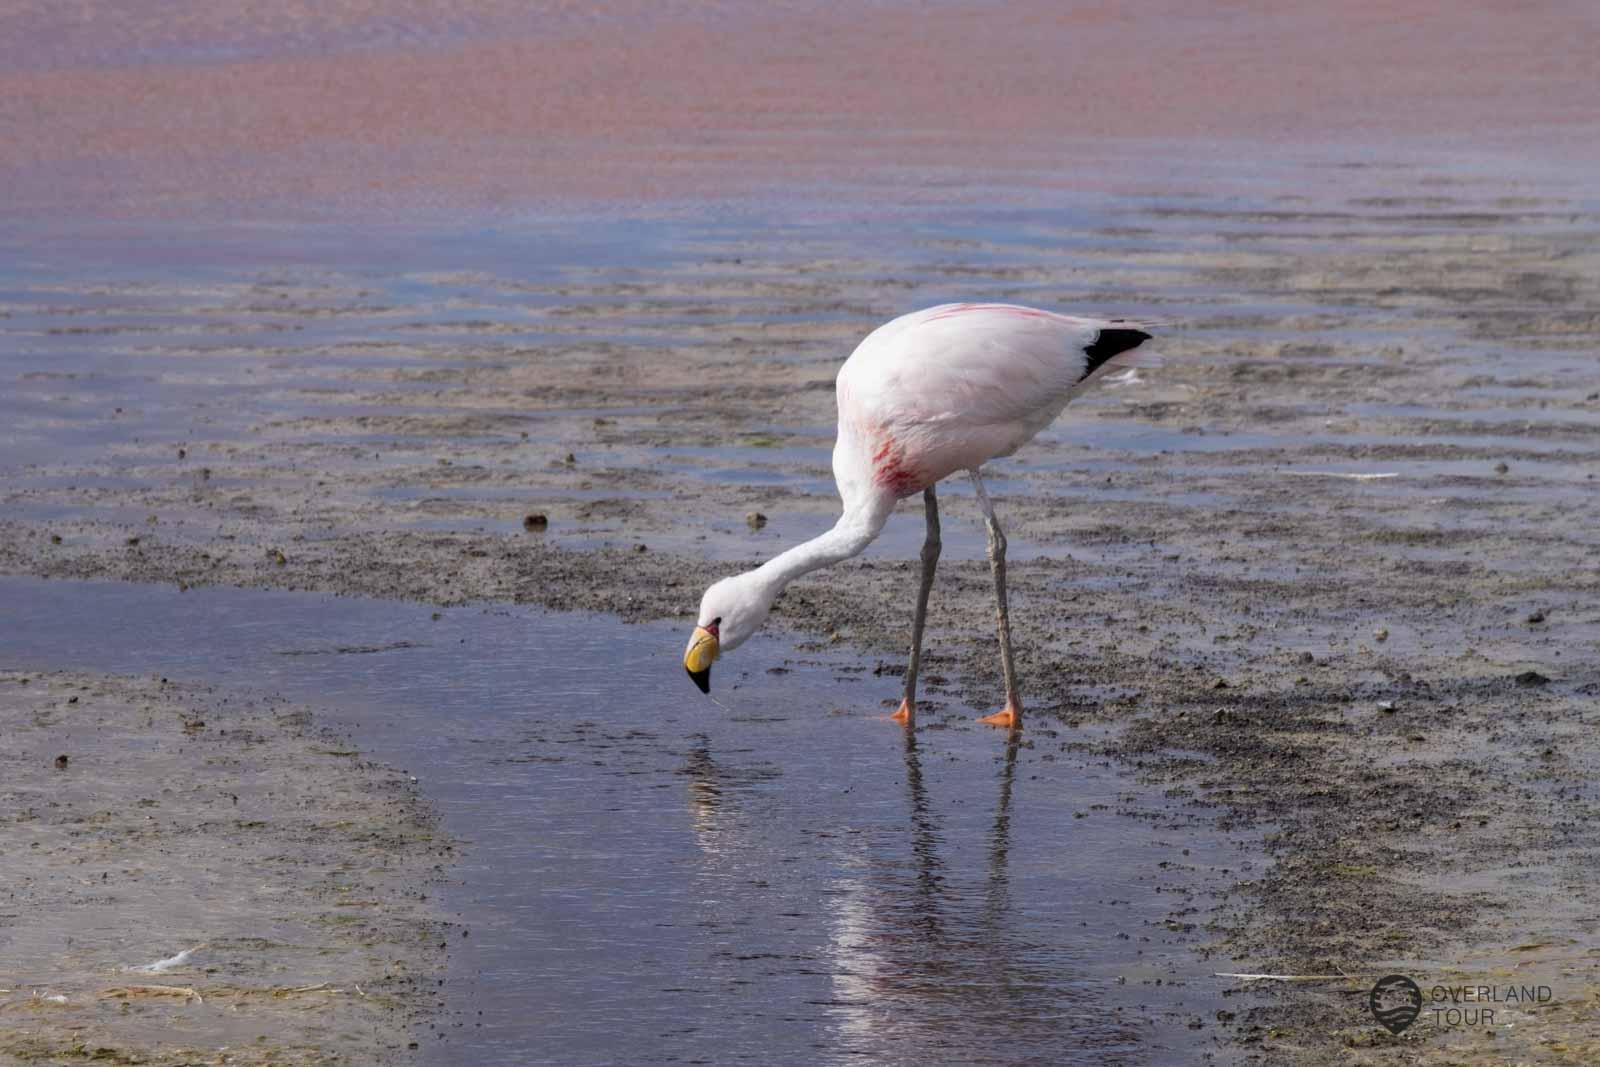 Die Laguna Colorada (Die Rote Lagune) mit ihrer traumhaften Landschaft und den Flamingos